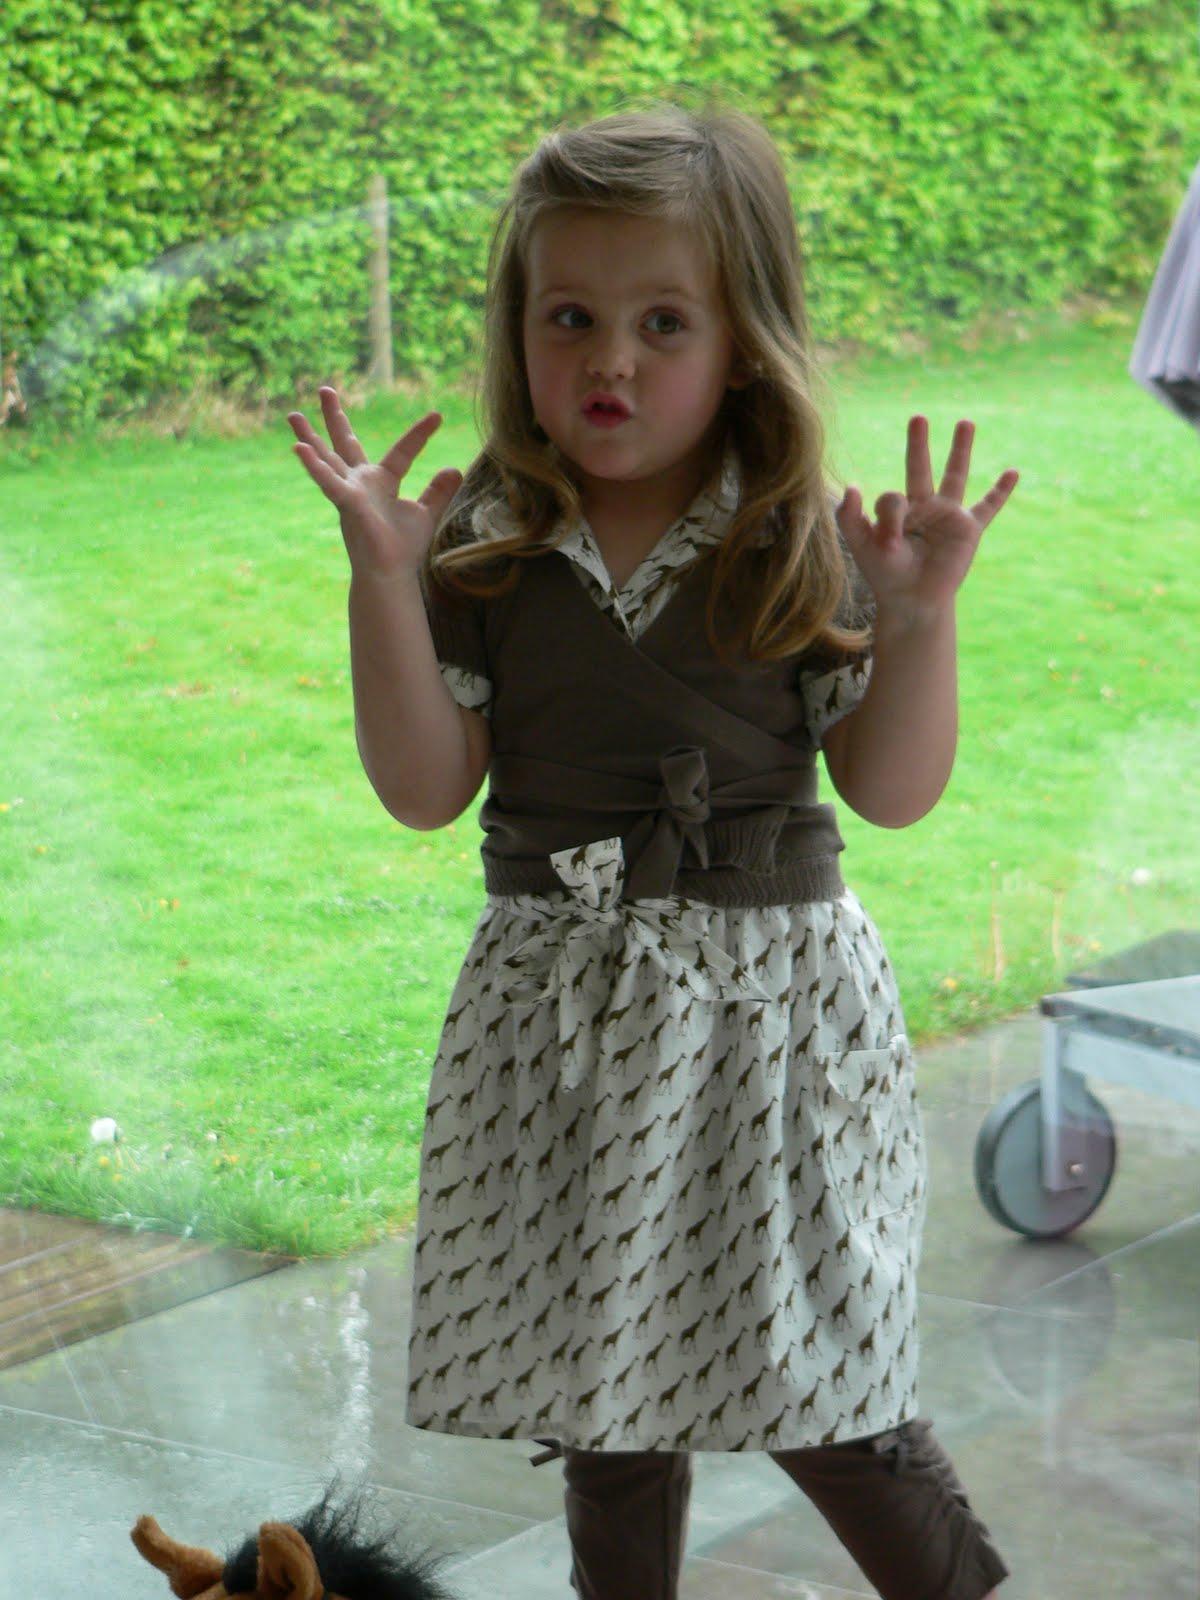 Mie flavie jump rope dress oliver s in giraffenstofje - Kleine teen indelingen meisje ...